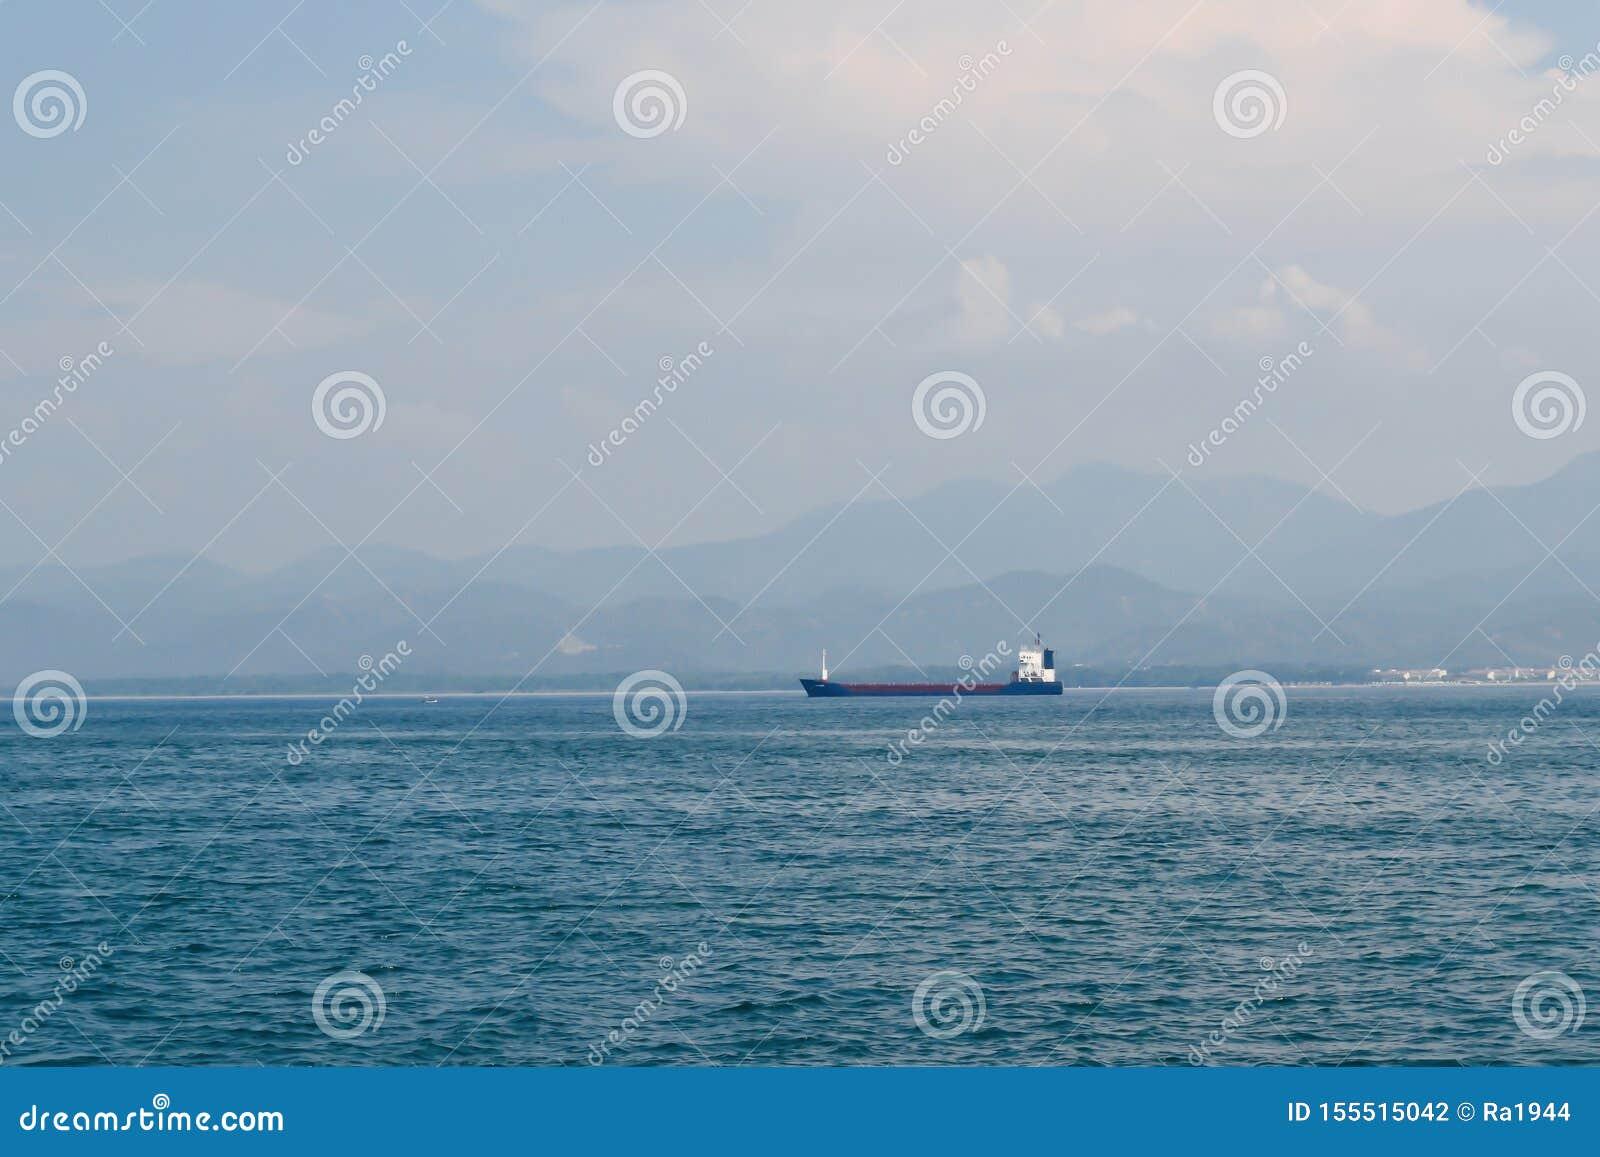 Groot vrachtschip in de Middellandse Zee van de Turkse kust